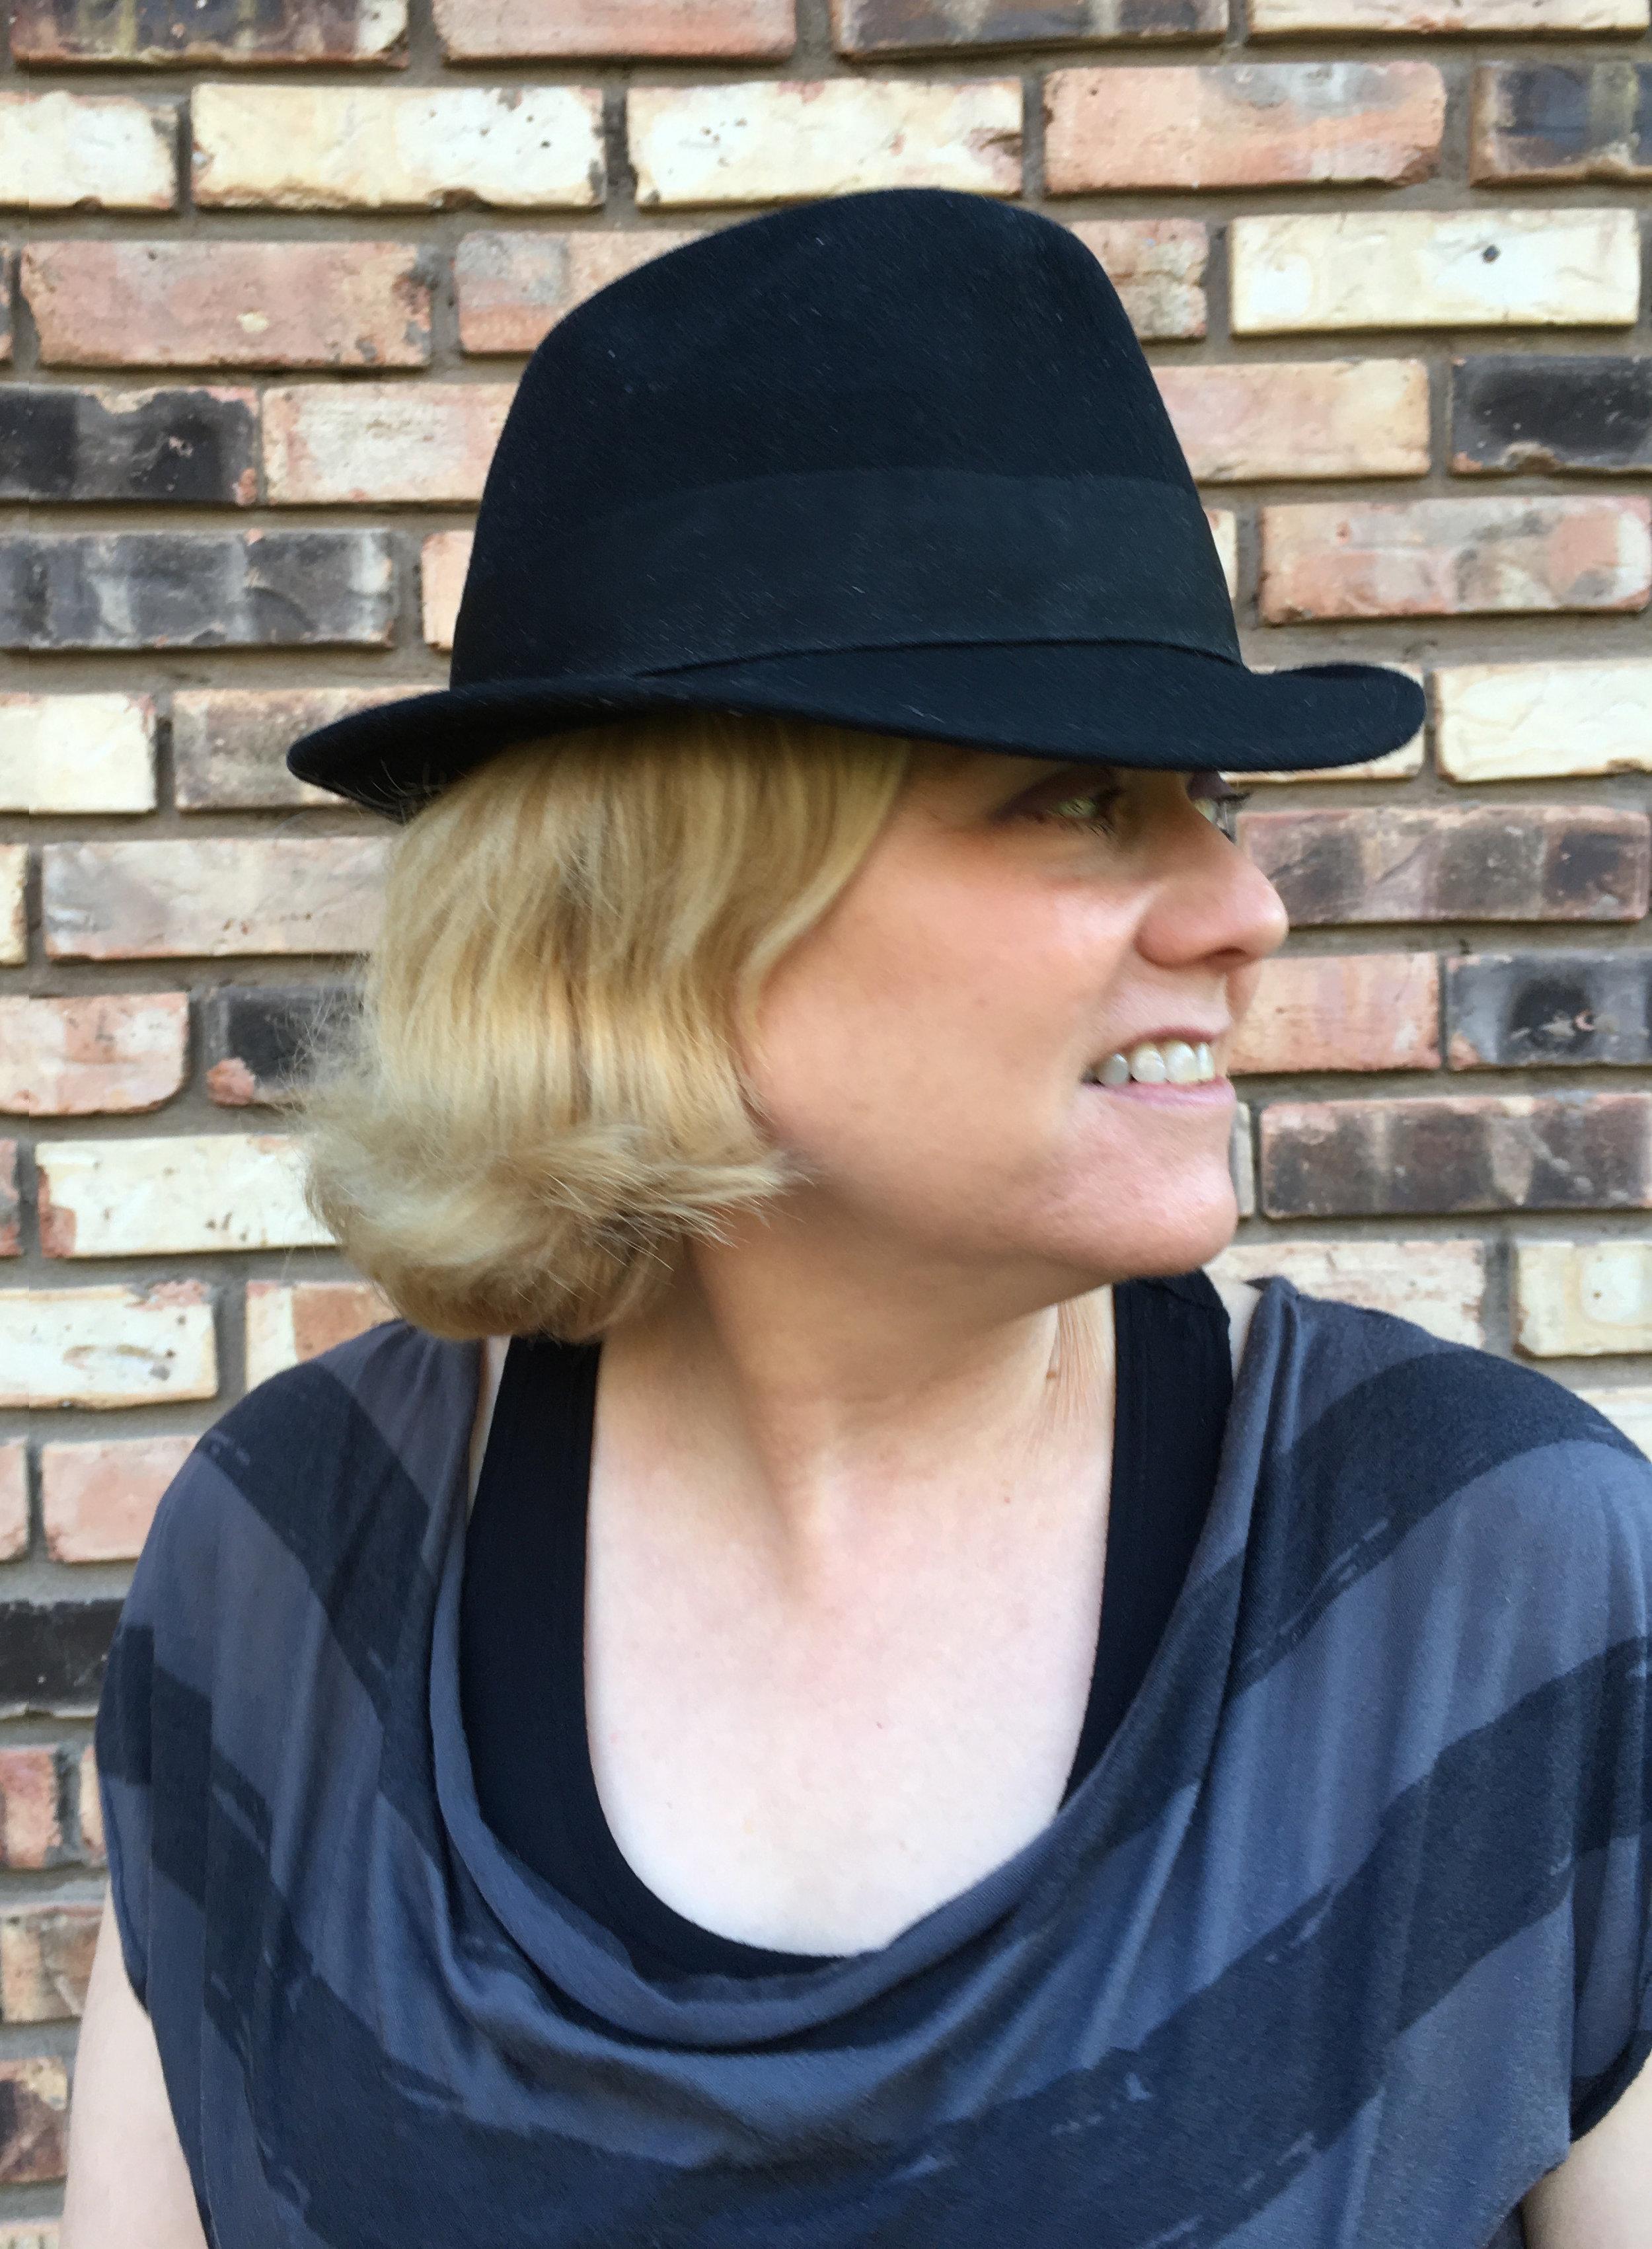 Suzanne Schnite